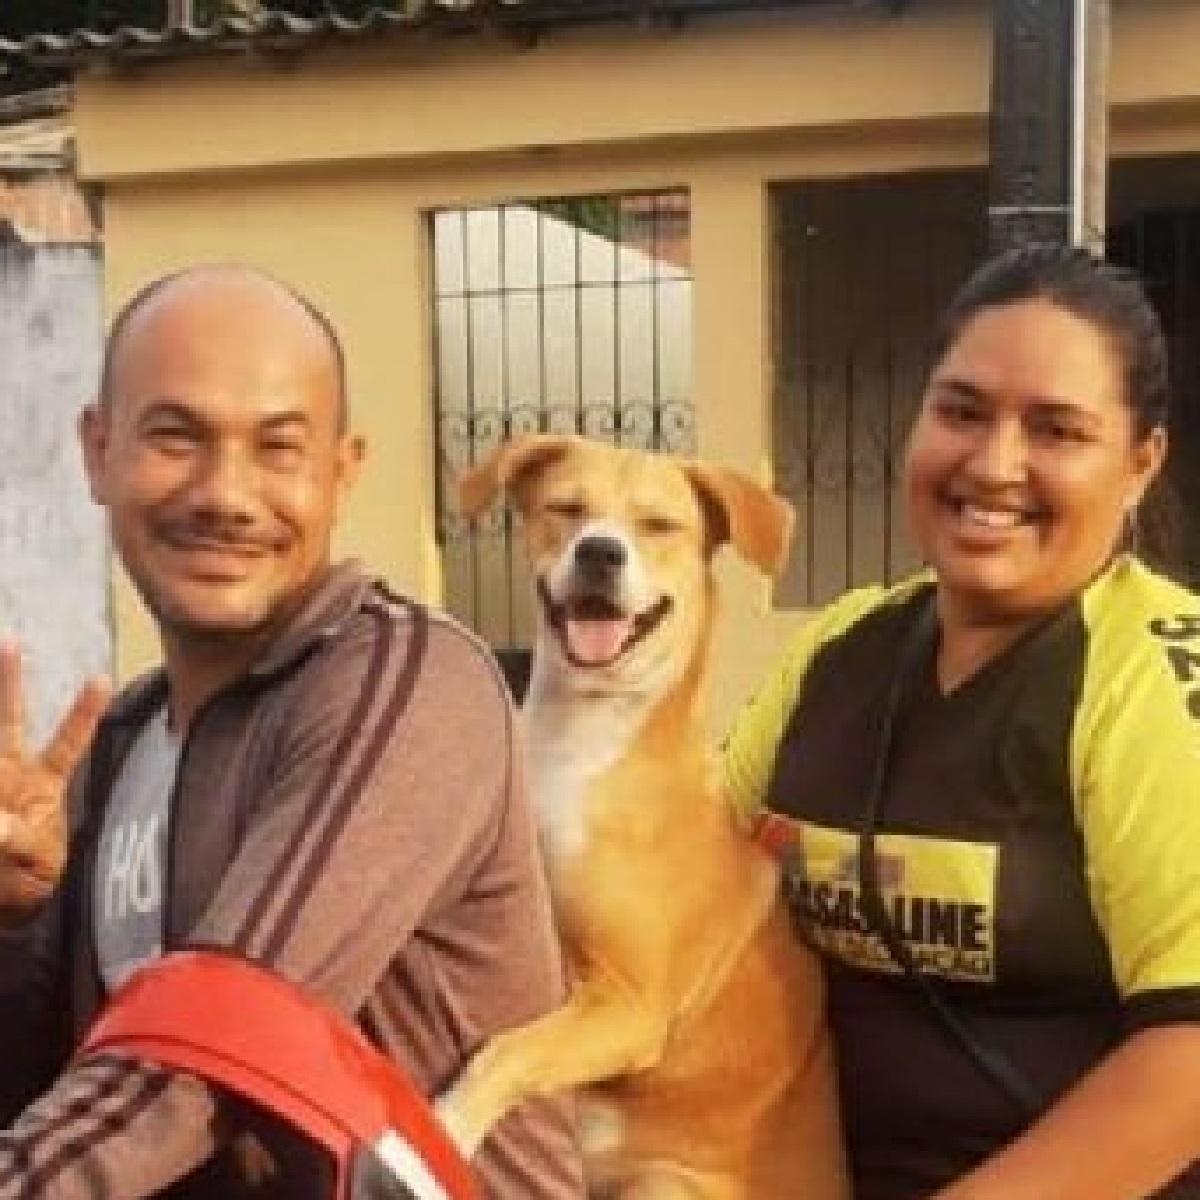 Delphina, la cucciola salvata da un giornalista davanti l'ospedale (FOTO)